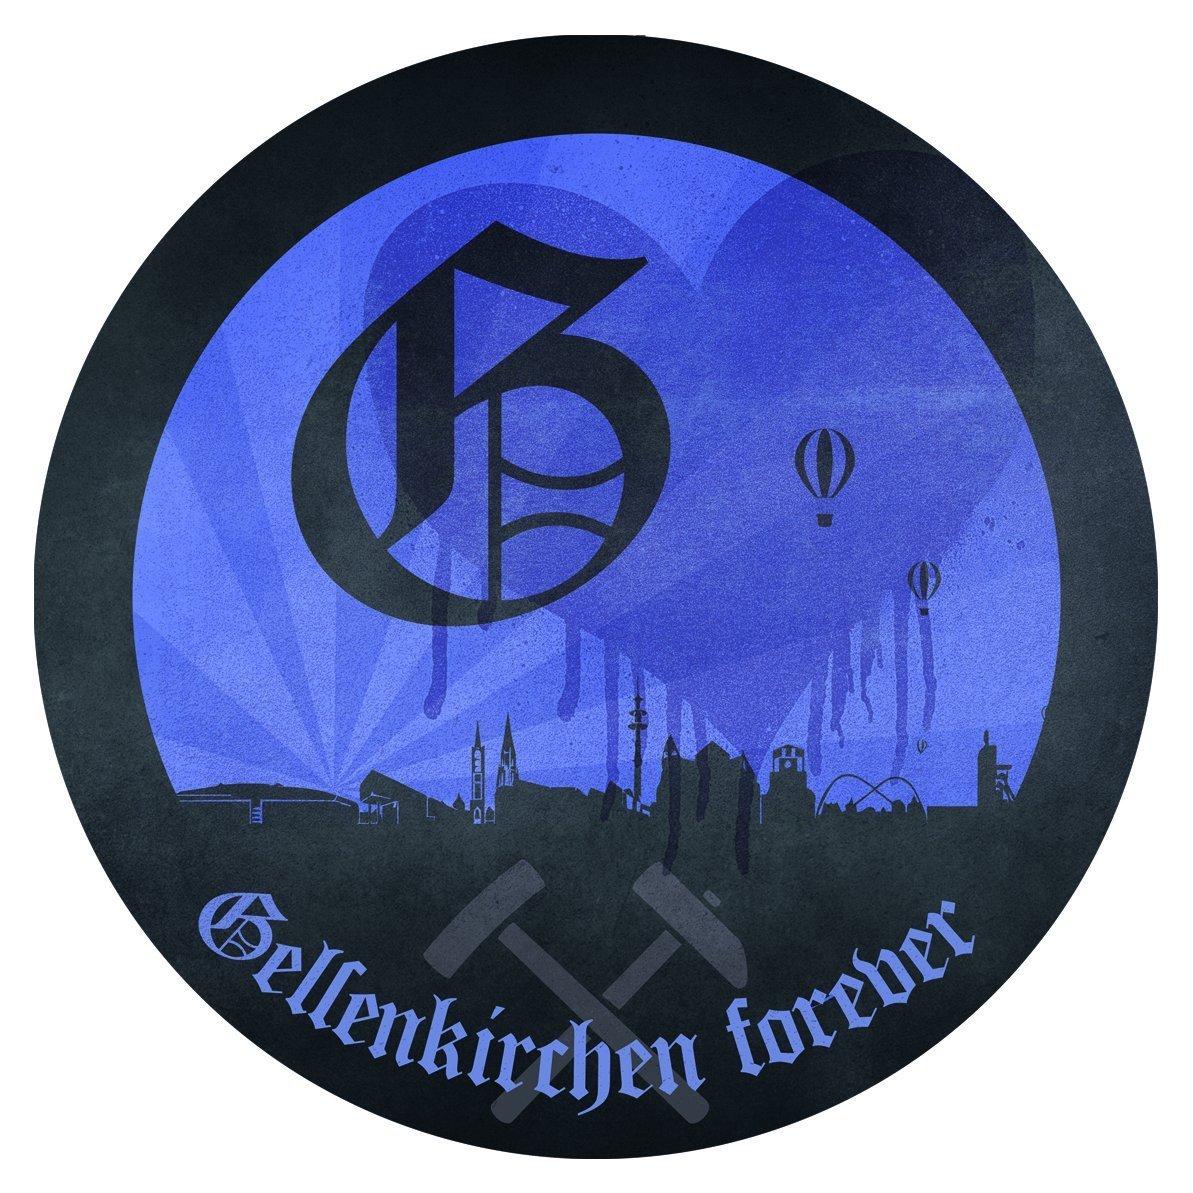 plus gratis Aufkleber forever Gelsenkirchen FC Schalke 04 Kapuzen Sweat-Shirt Schuh S04